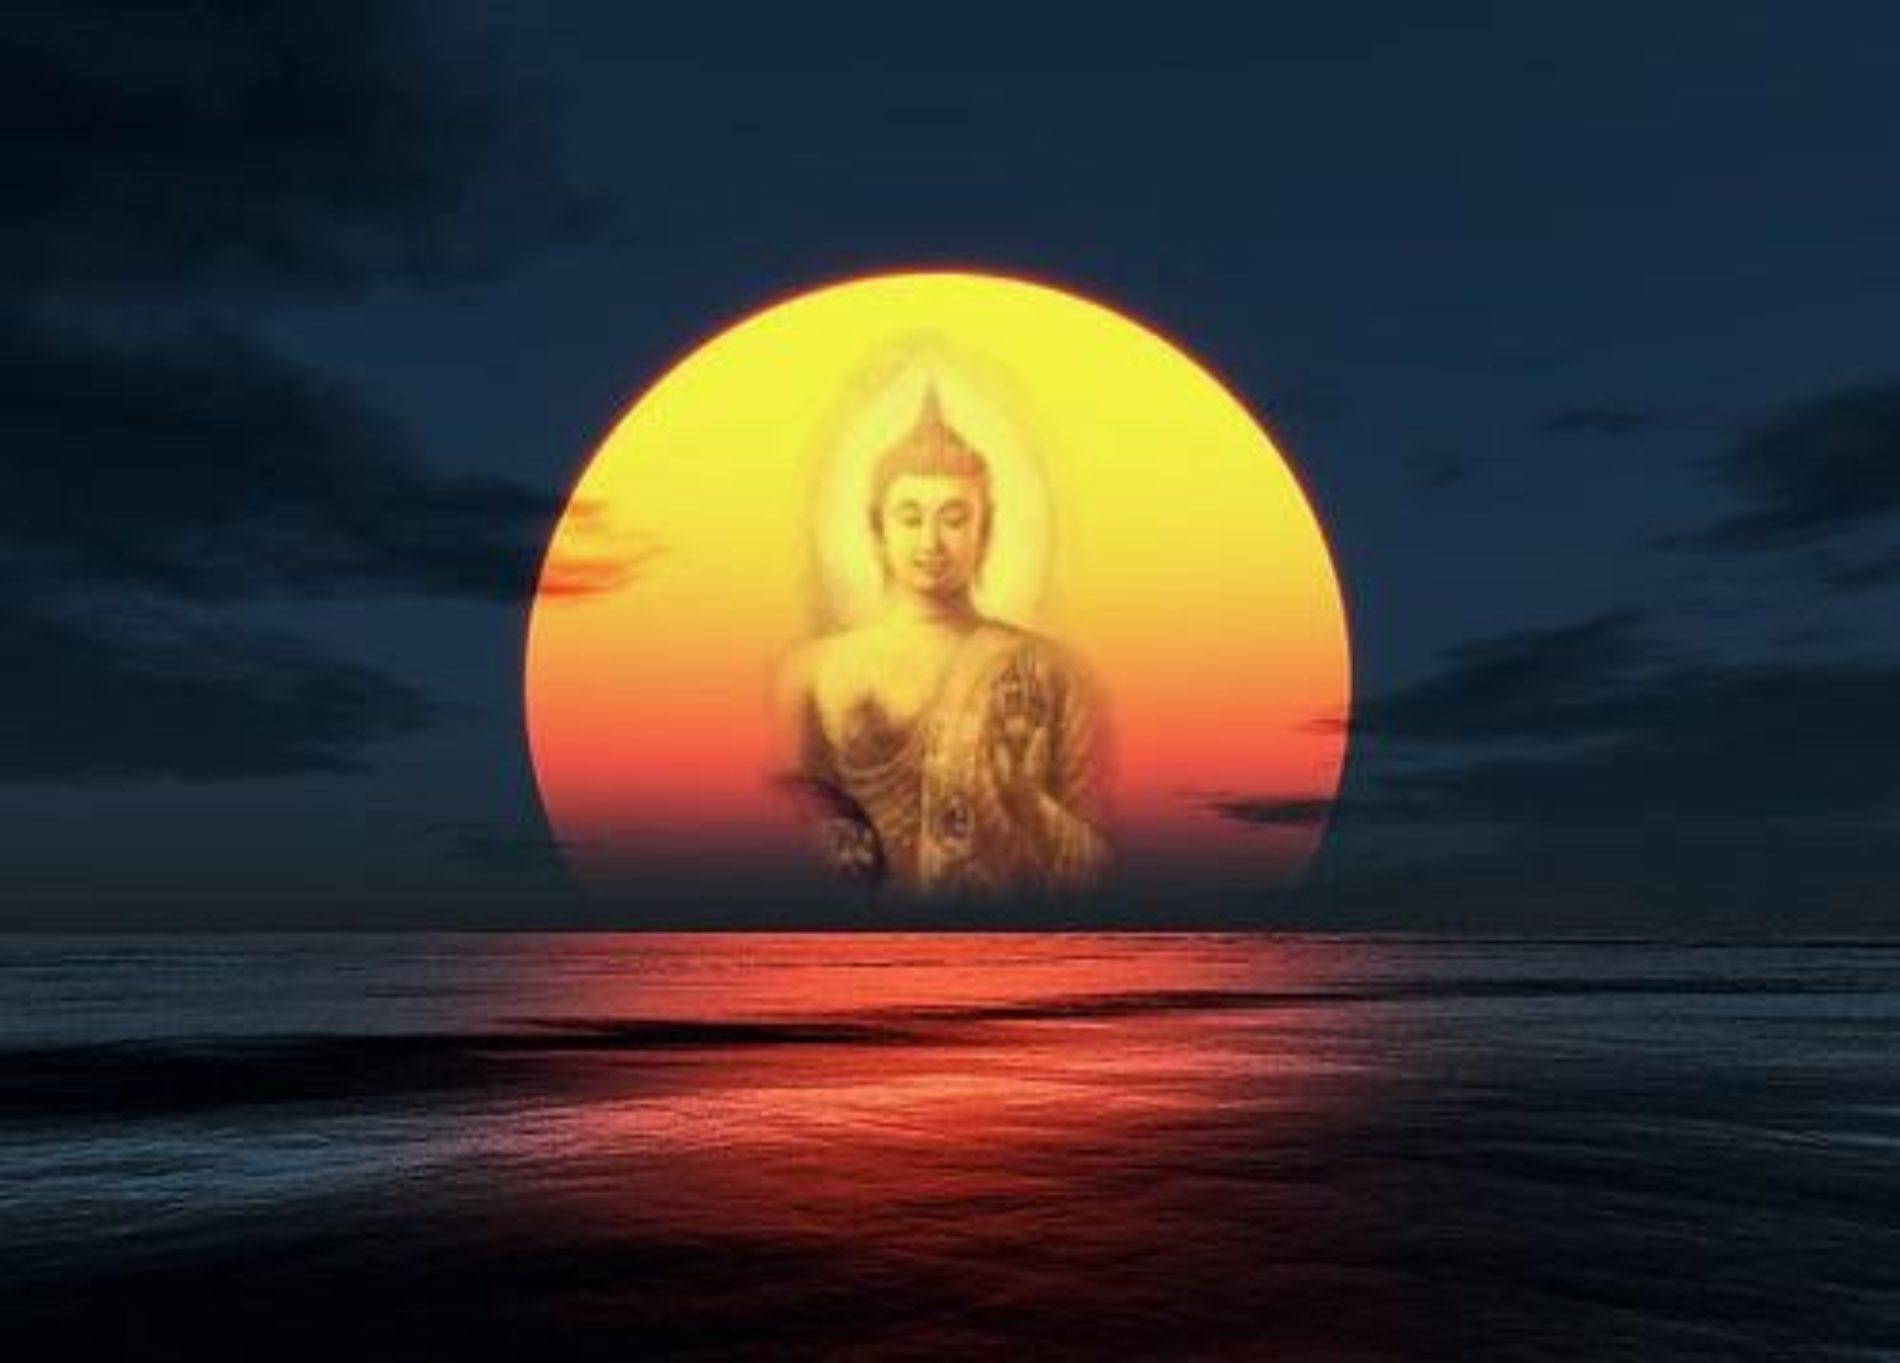 Năm câu thần chú của Phật cho một ngày làm việc hoàn hảo